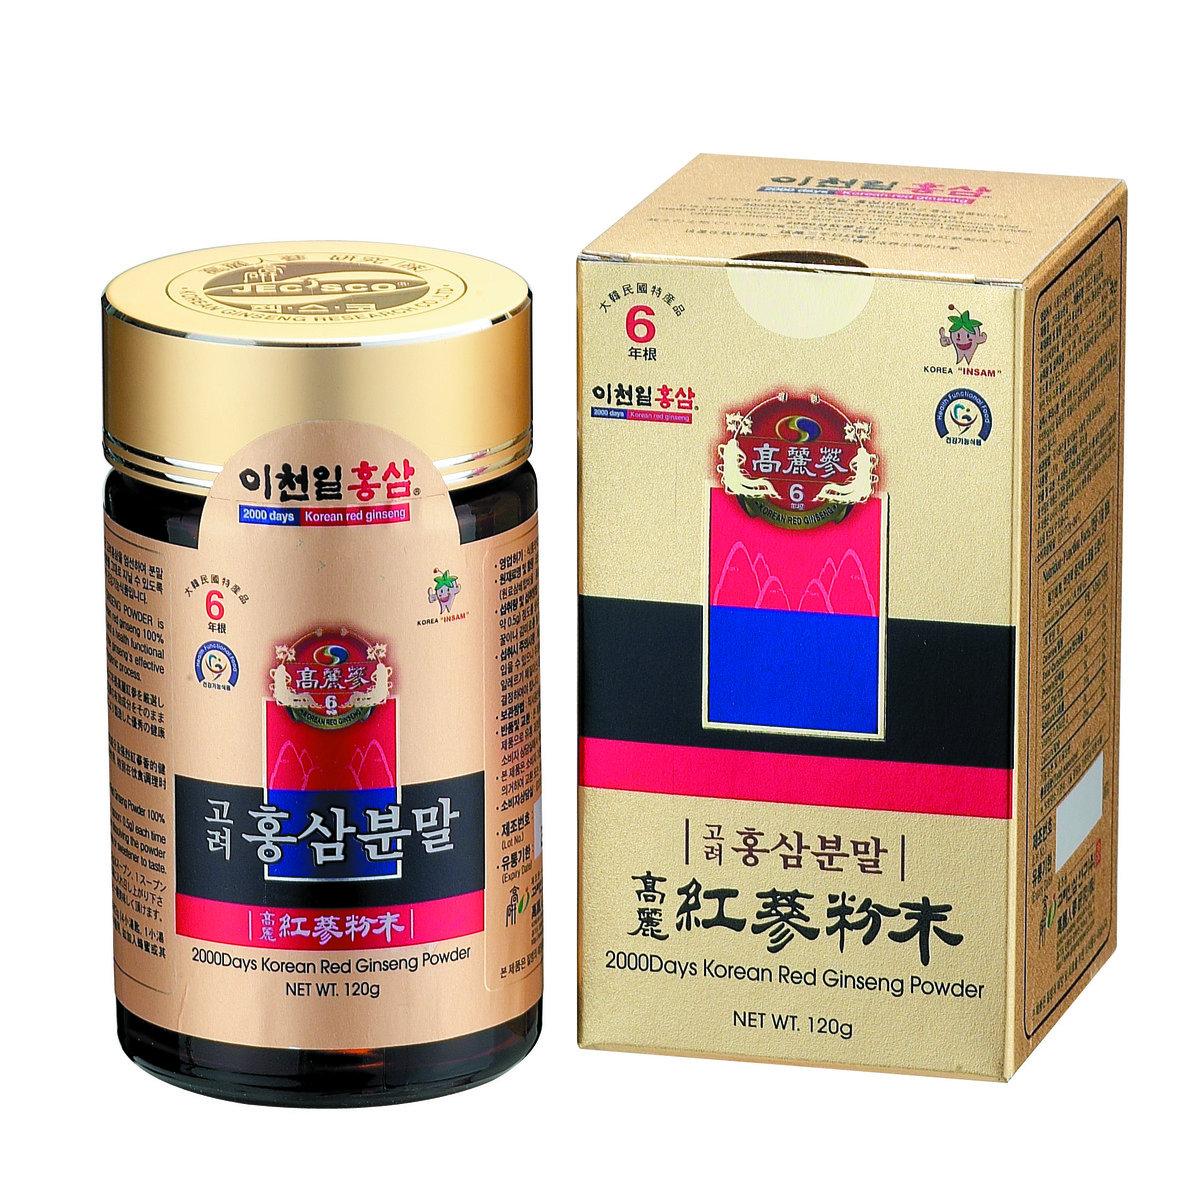 6年根韓國紅蔘粉 (120g)